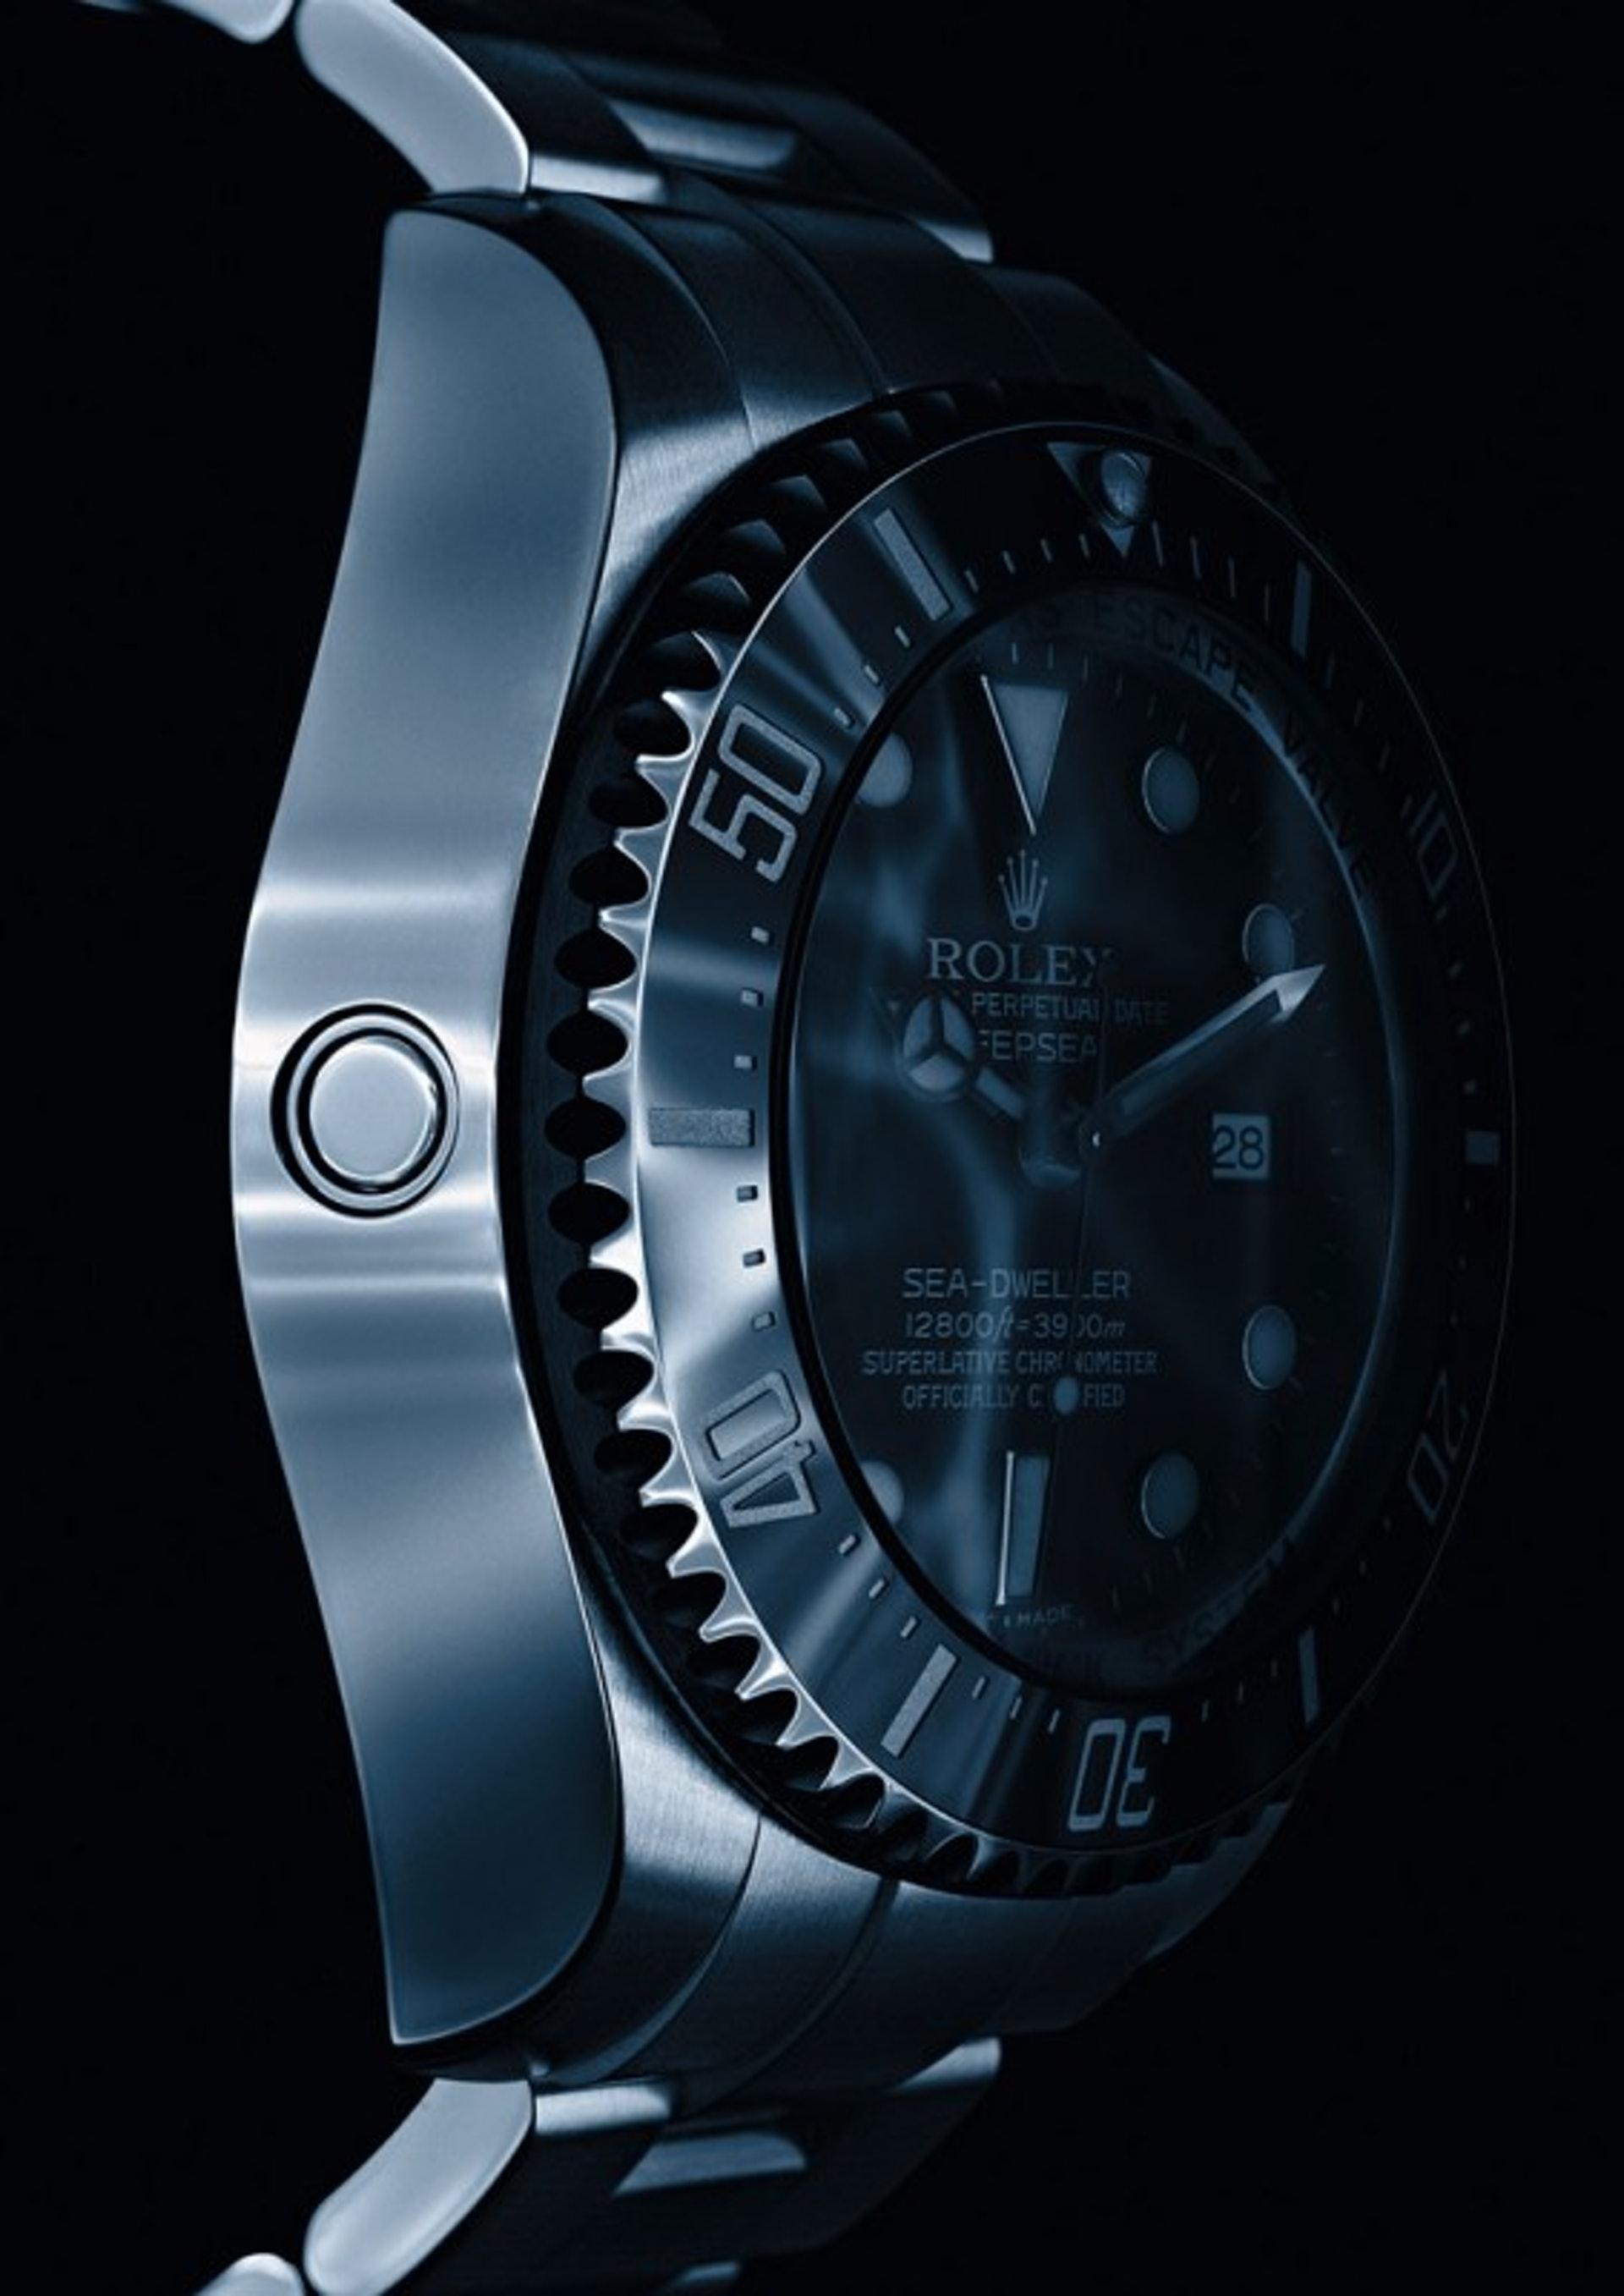 勞力士七○年代已便以開發出排氦裝置。當腕錶內外有超過3至5巴的氣壓差異,裝配彈簧的排氣閥門便會開啟讓氦氣釋放,而腕錶的防水功能在此時亦不會受影響。(世界高級品)